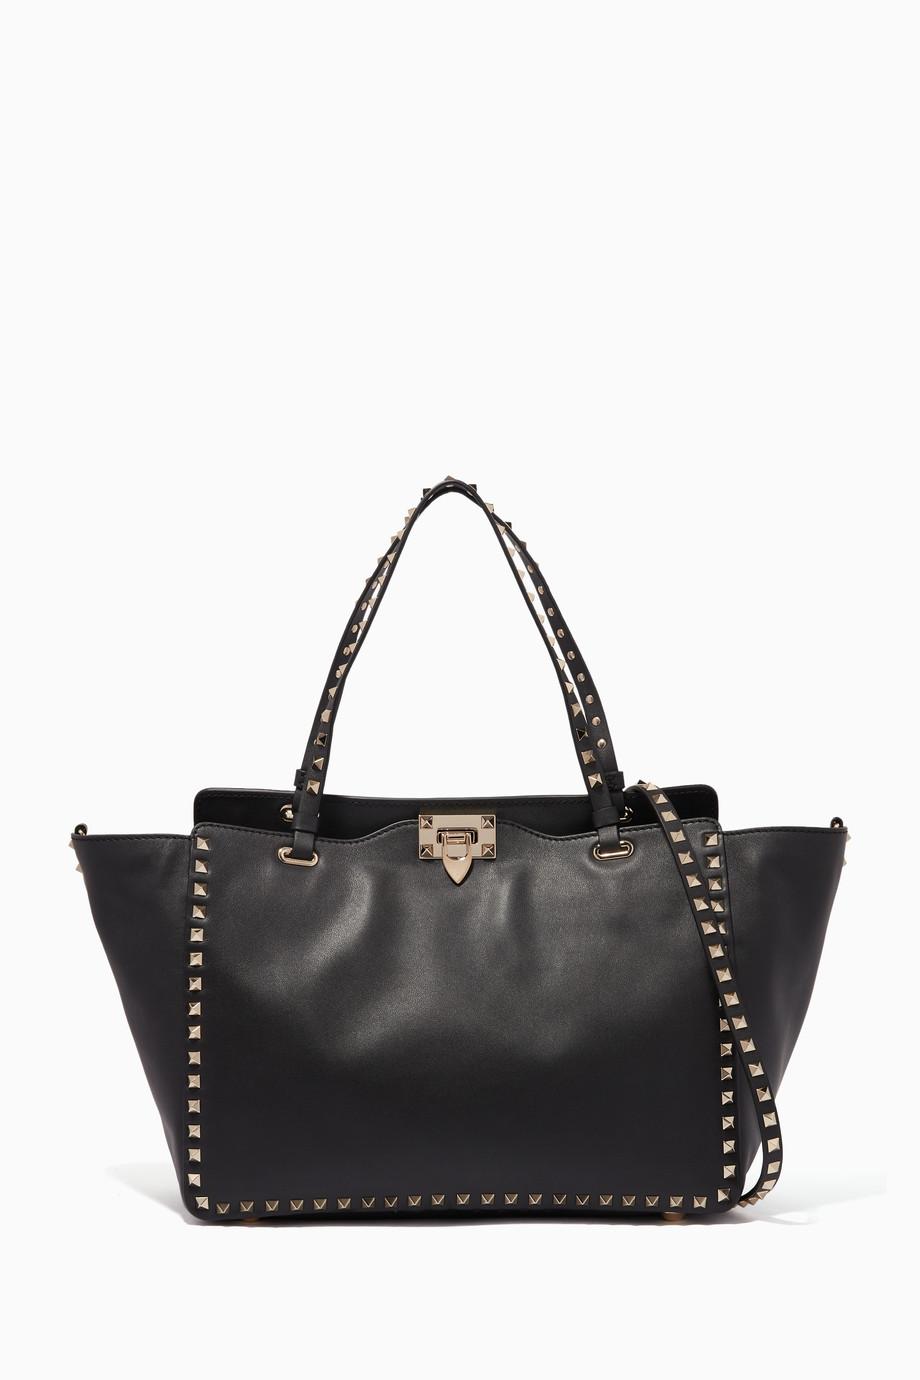 d1706a558494 Shop Valentino Black Black Medium Trapeze Rockstud Tote Bag for Women